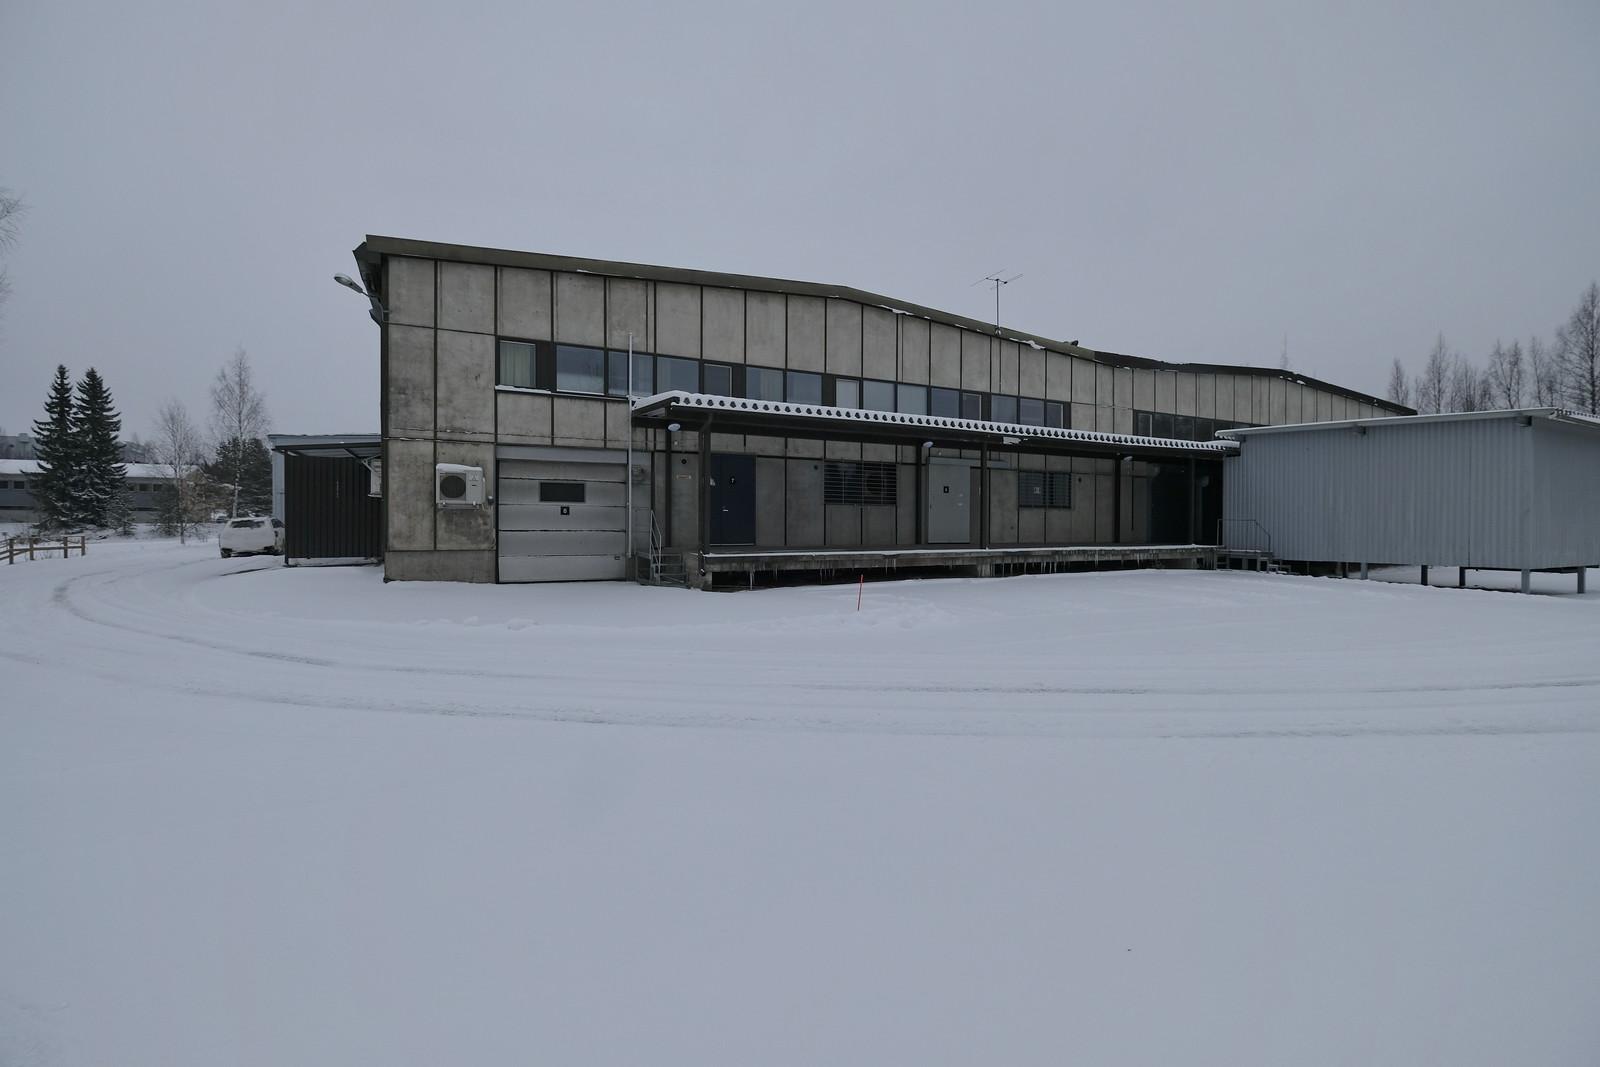 Harkkokatu 2a, Sahanmäki, Hyvinkää